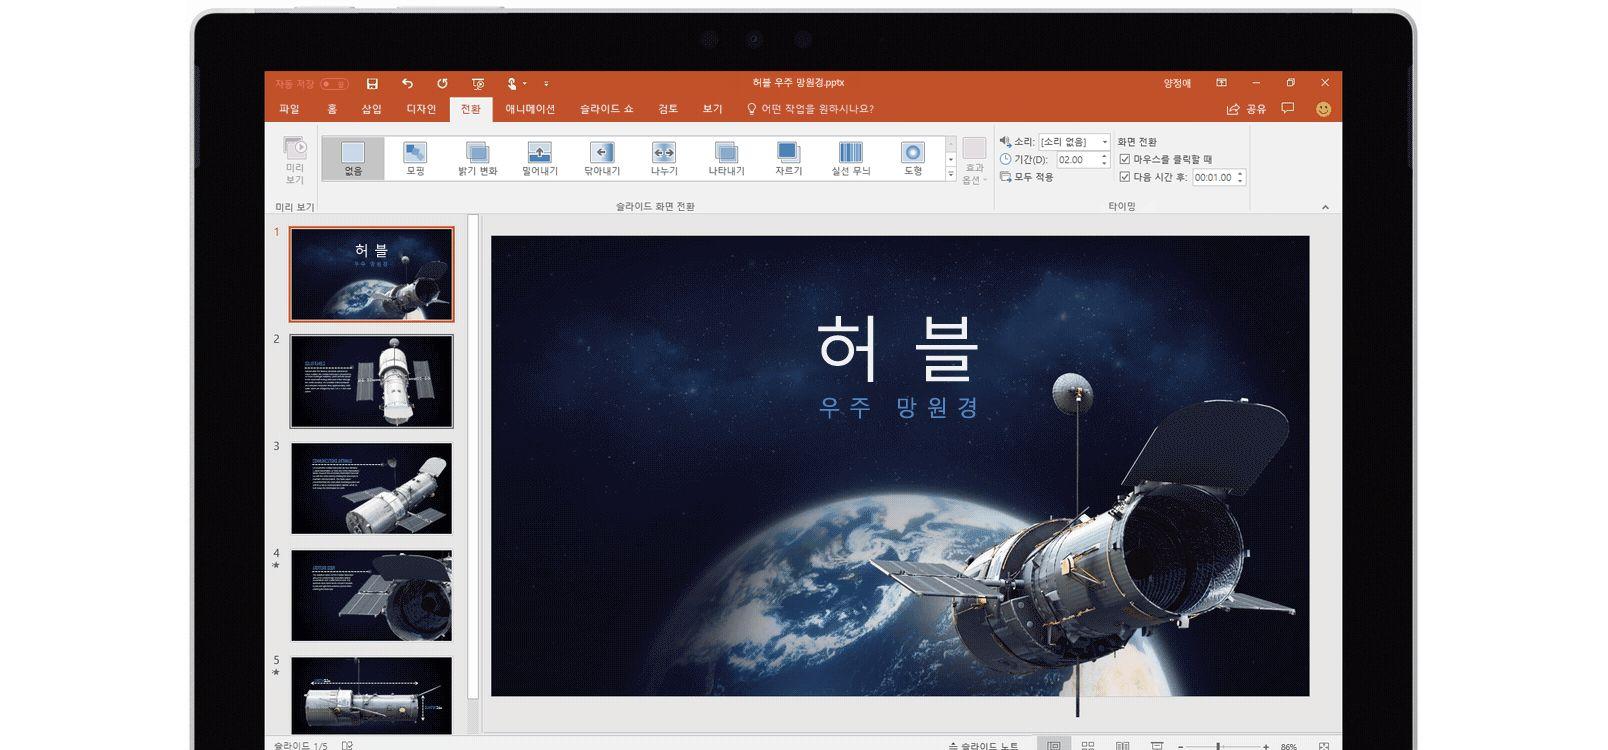 우주 망원경에 대한 PowerPoint에서 사용 중인 모핑을 보여주는 태블릿 화면